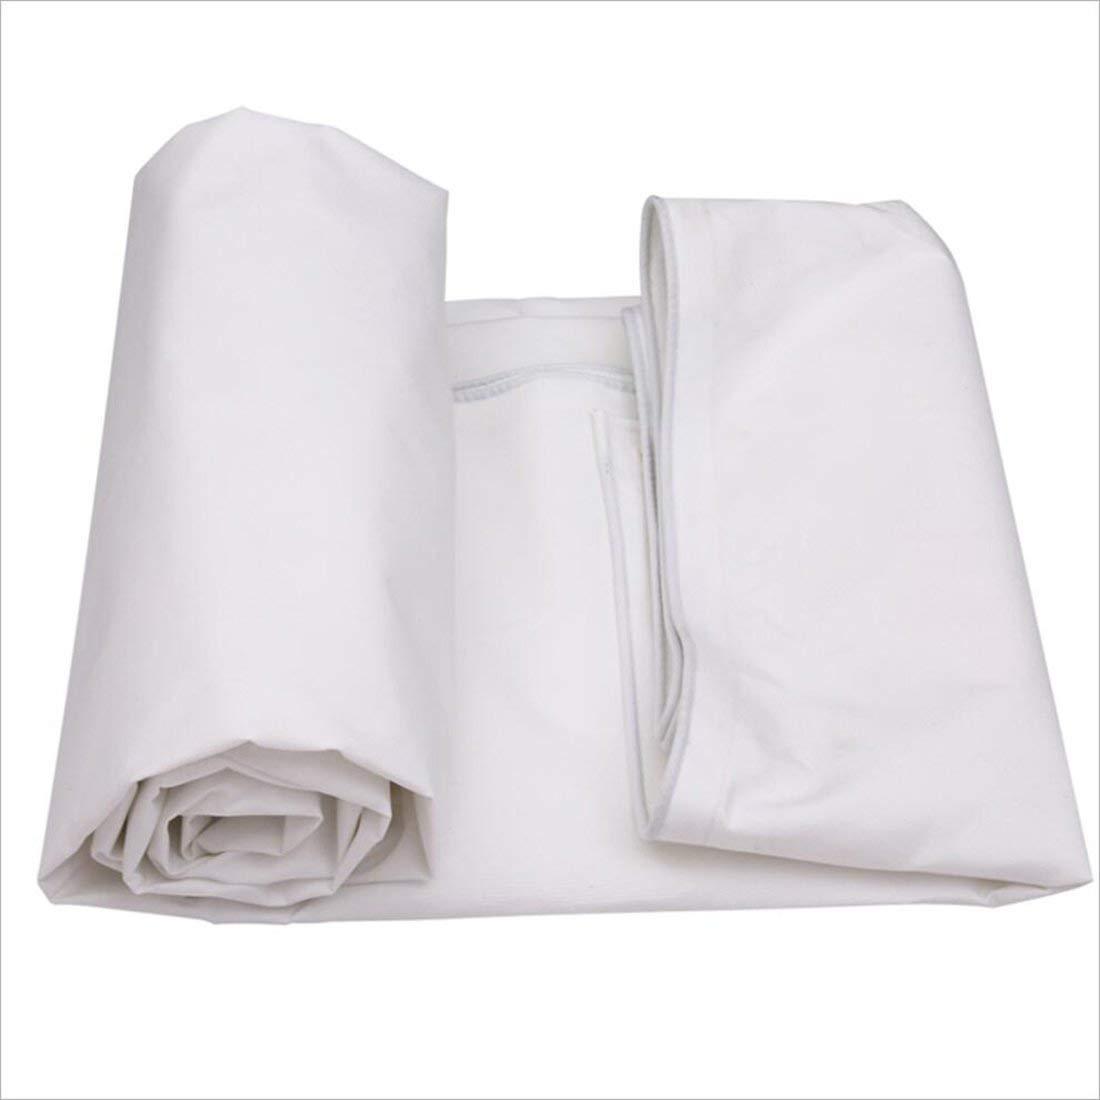 【新作からSALEアイテム等お得な商品満載】 キャンバス雨防水日焼け止めサントラックキャンバスキャノピー布 (Color : 白, サイズ : : 2m : 白 × 3m) 2m × 3m 白 B07P8DFD2J, リビングスタジオ:442097ed --- ciadaterra.com